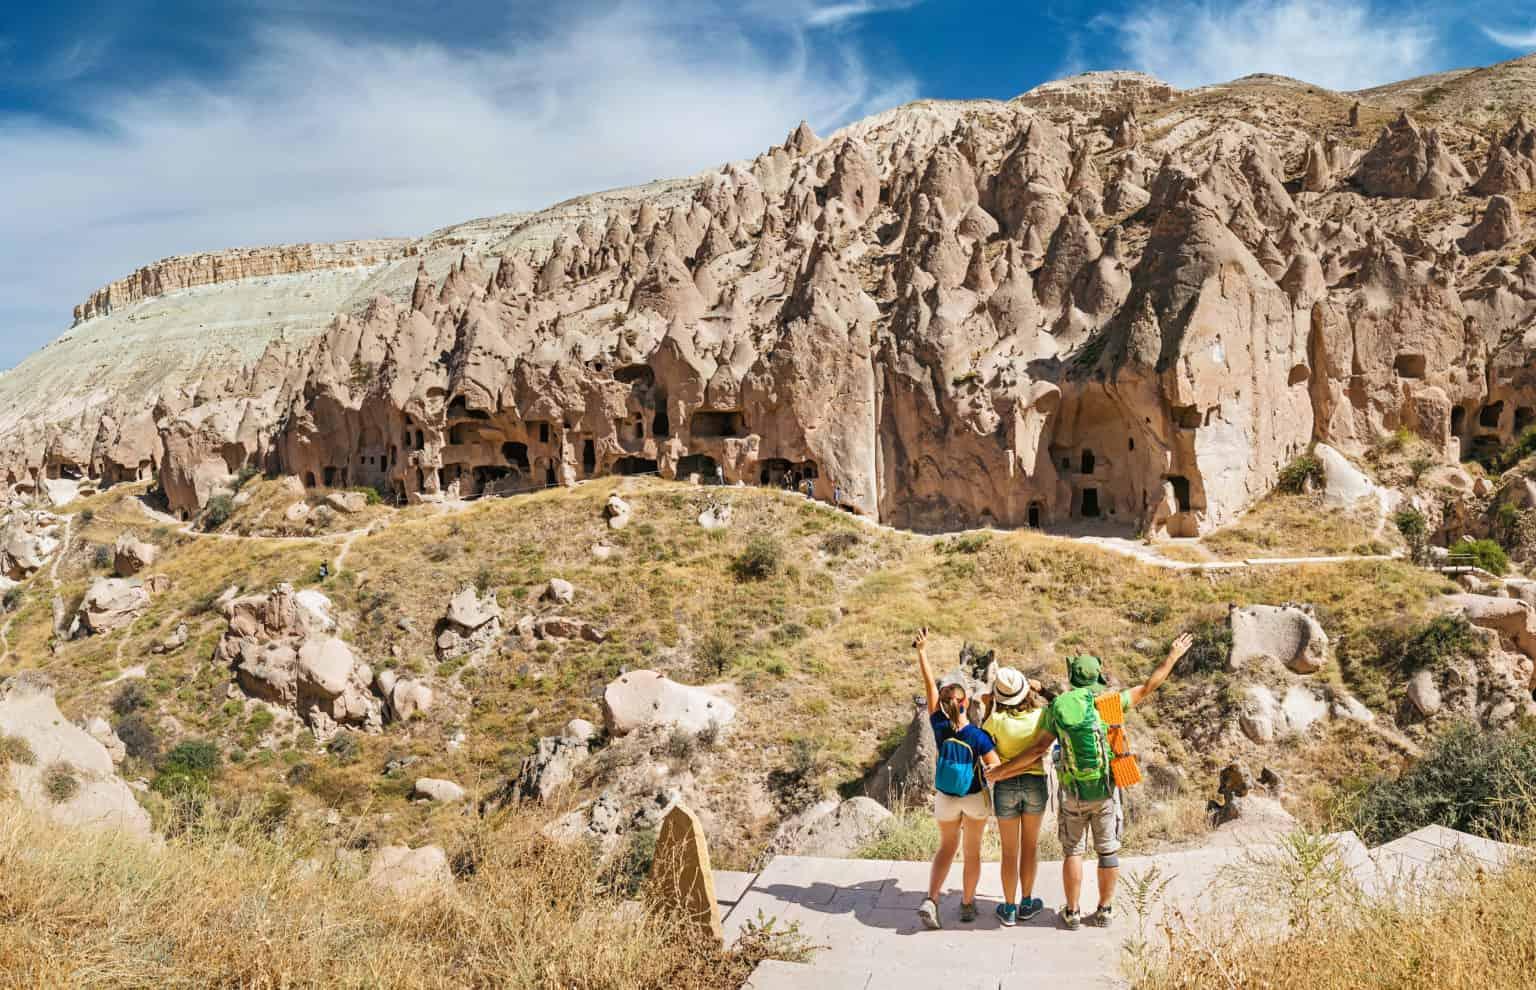 Walking tour in Ramon Crater